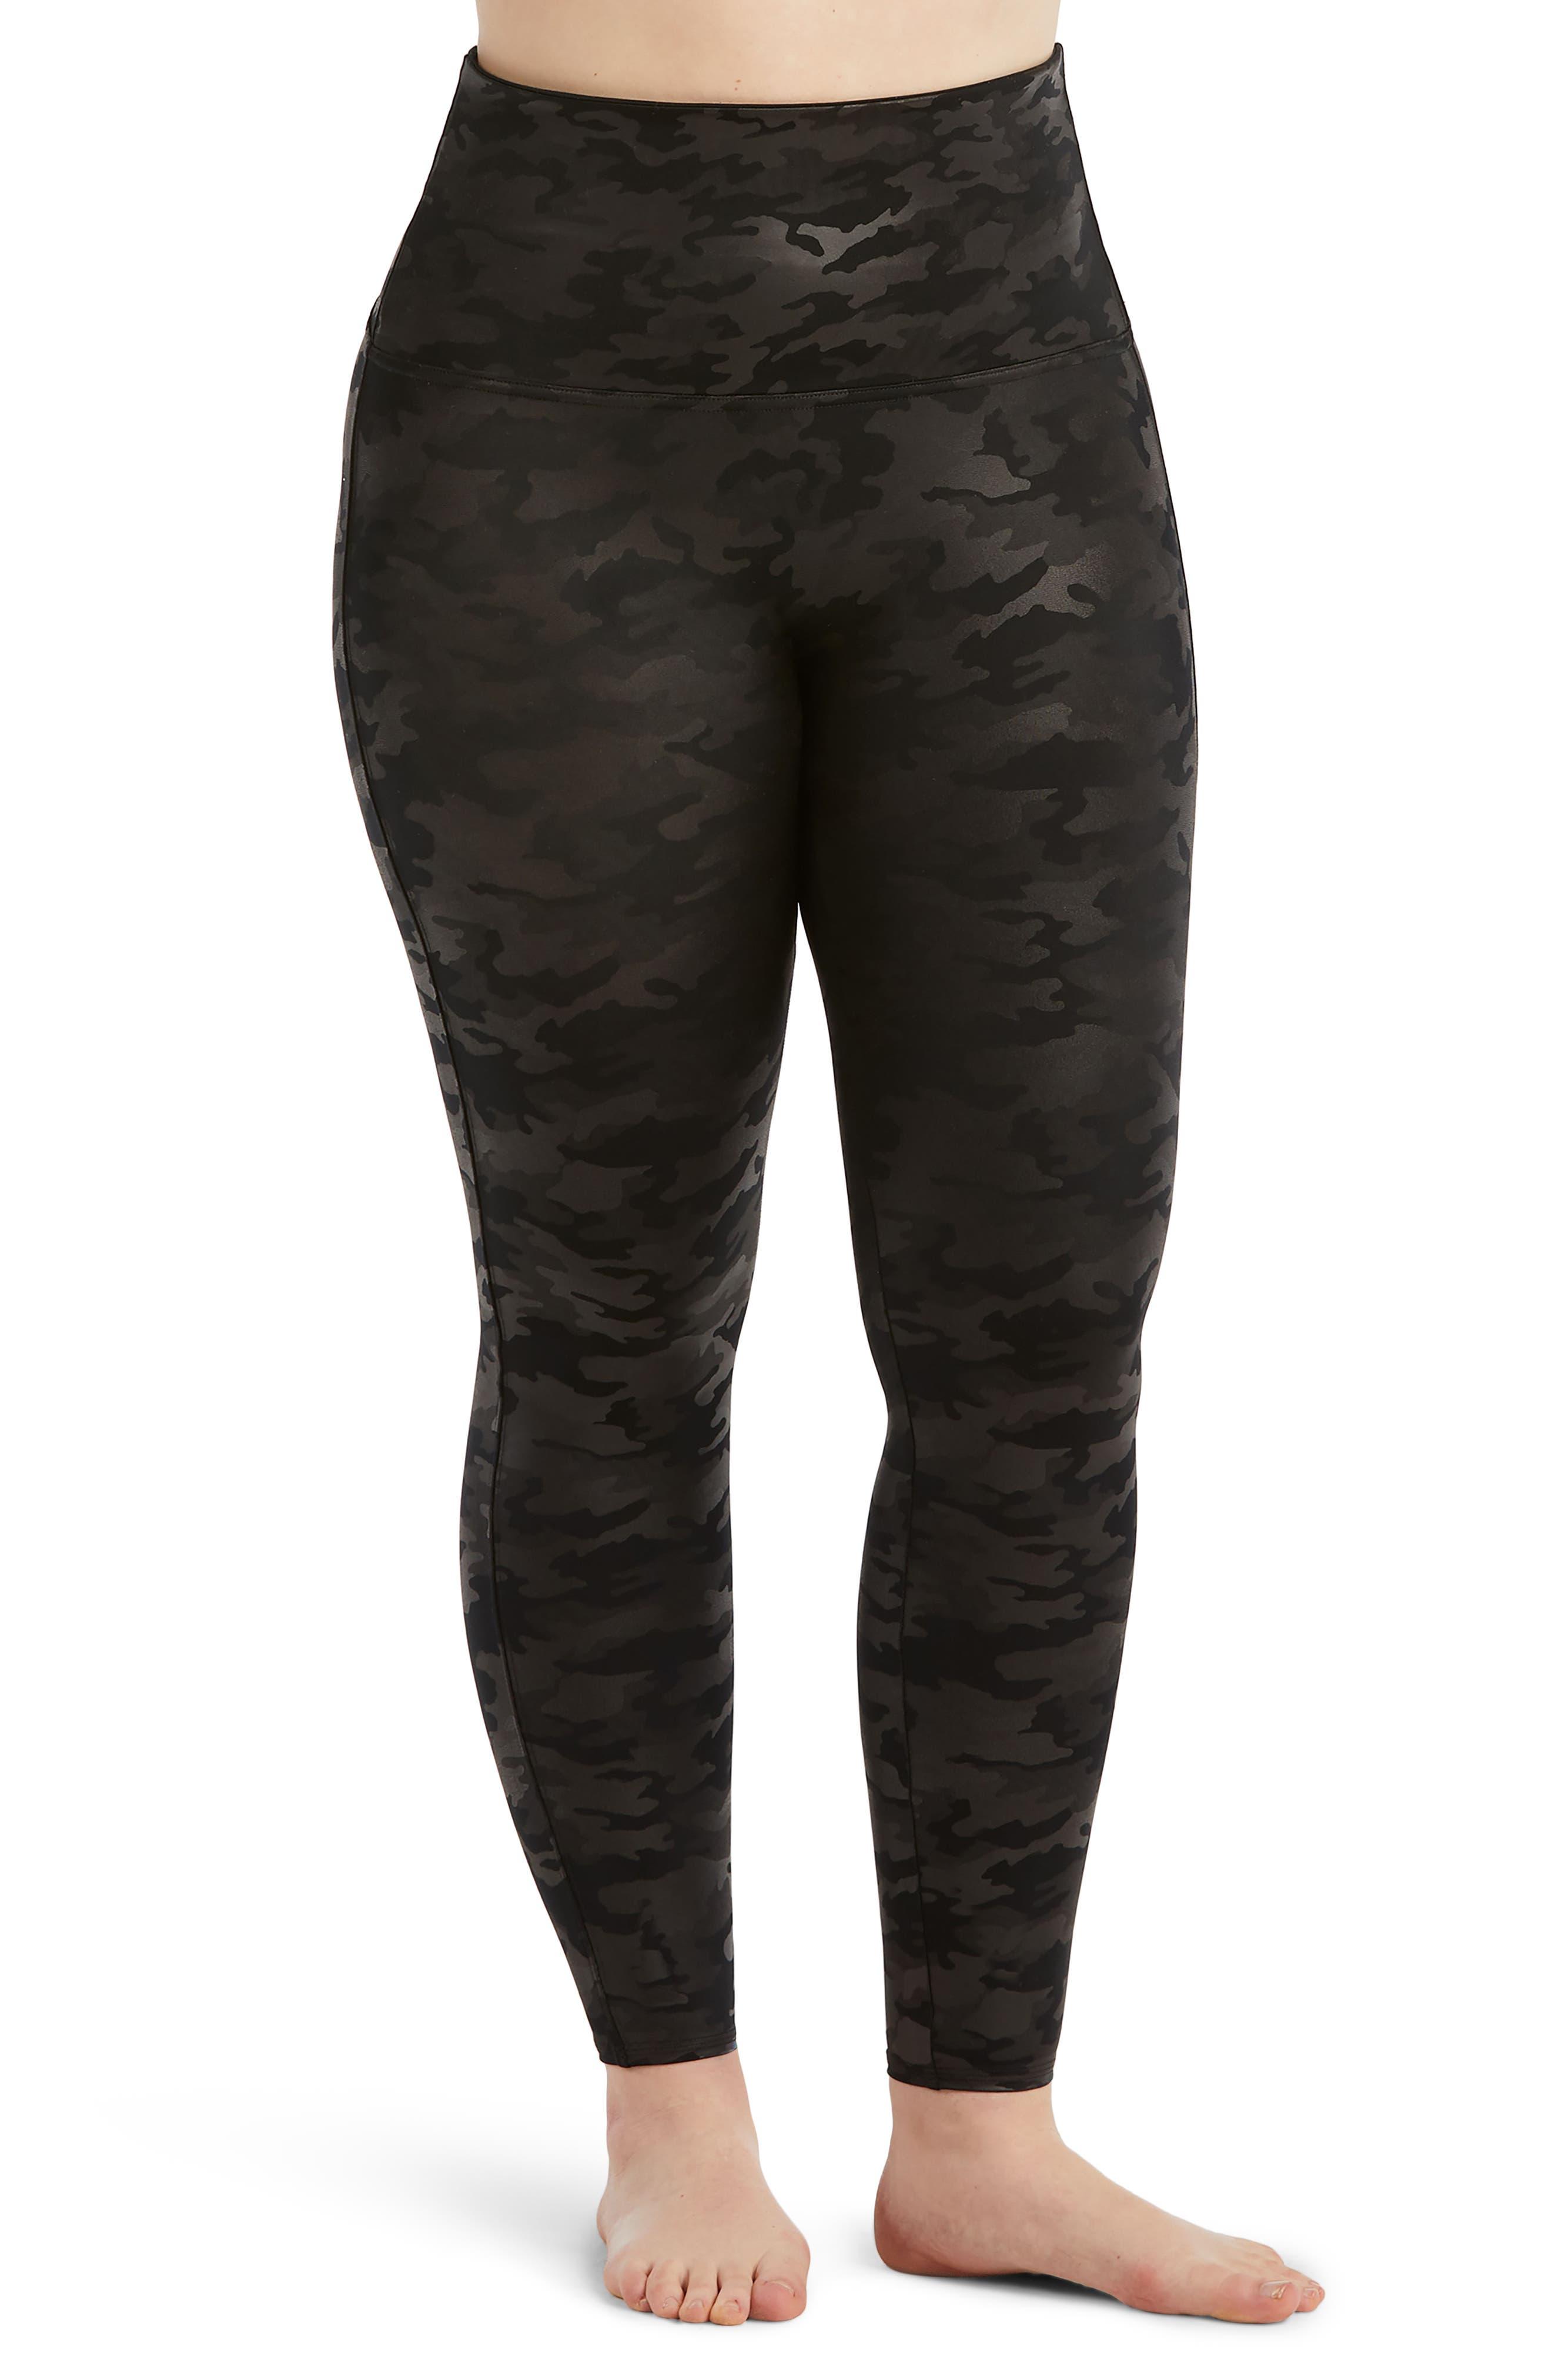 Camo Faux Leather Leggings,                             Main thumbnail 1, color,                             MATTE BLACK CAMO